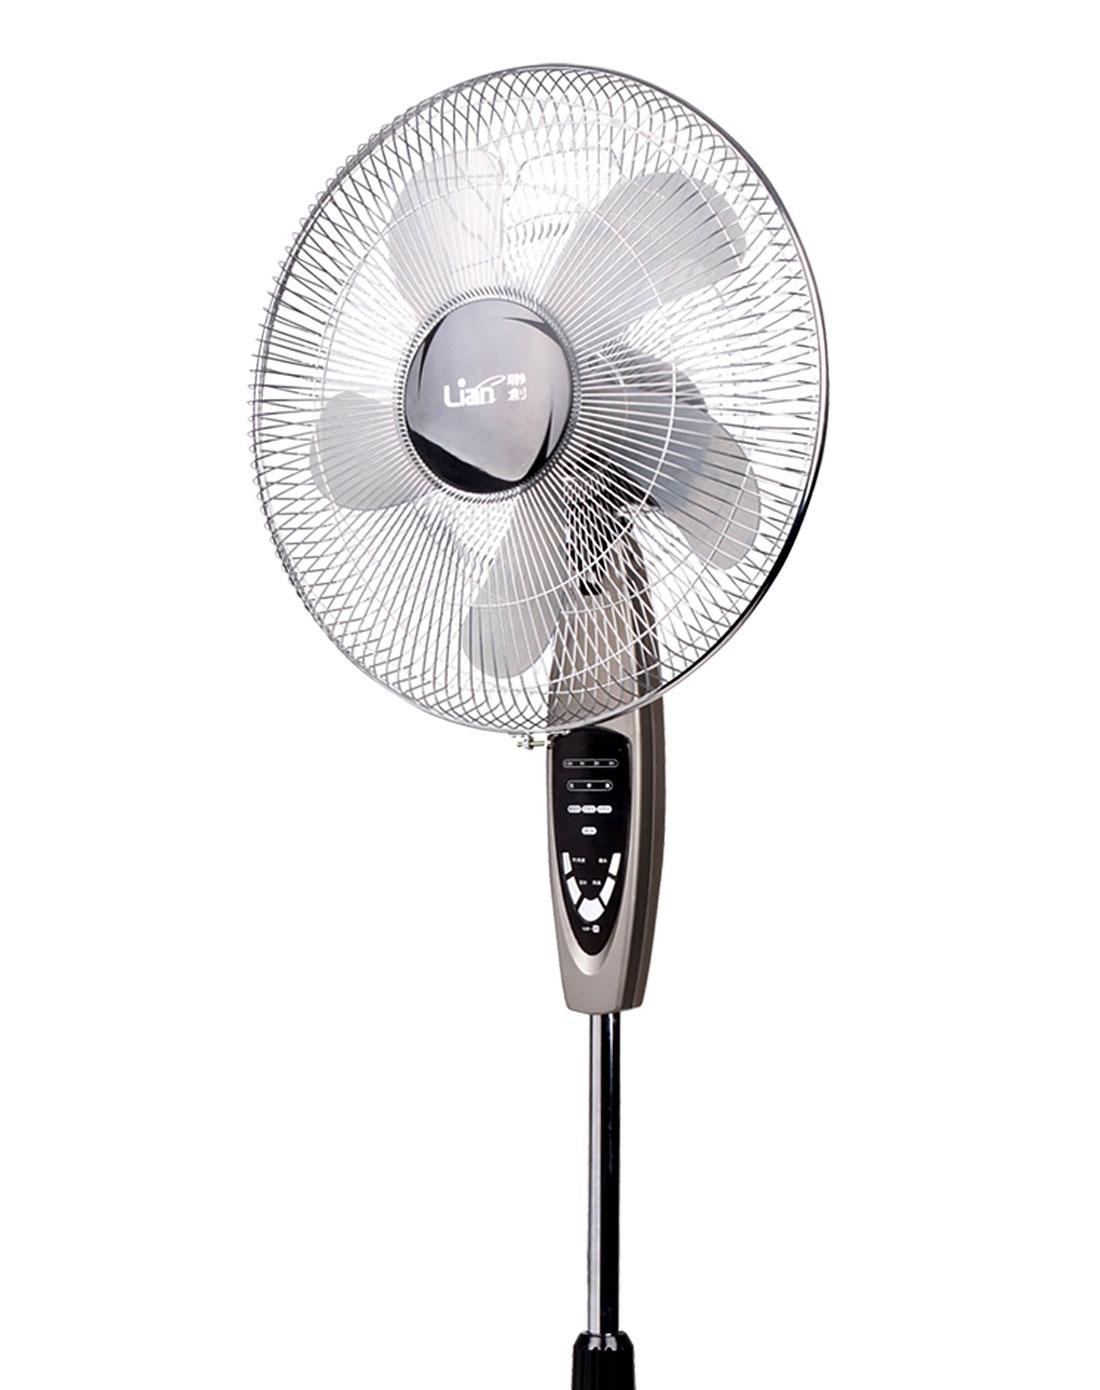 > 一触即停豪华遥控落地式电风扇